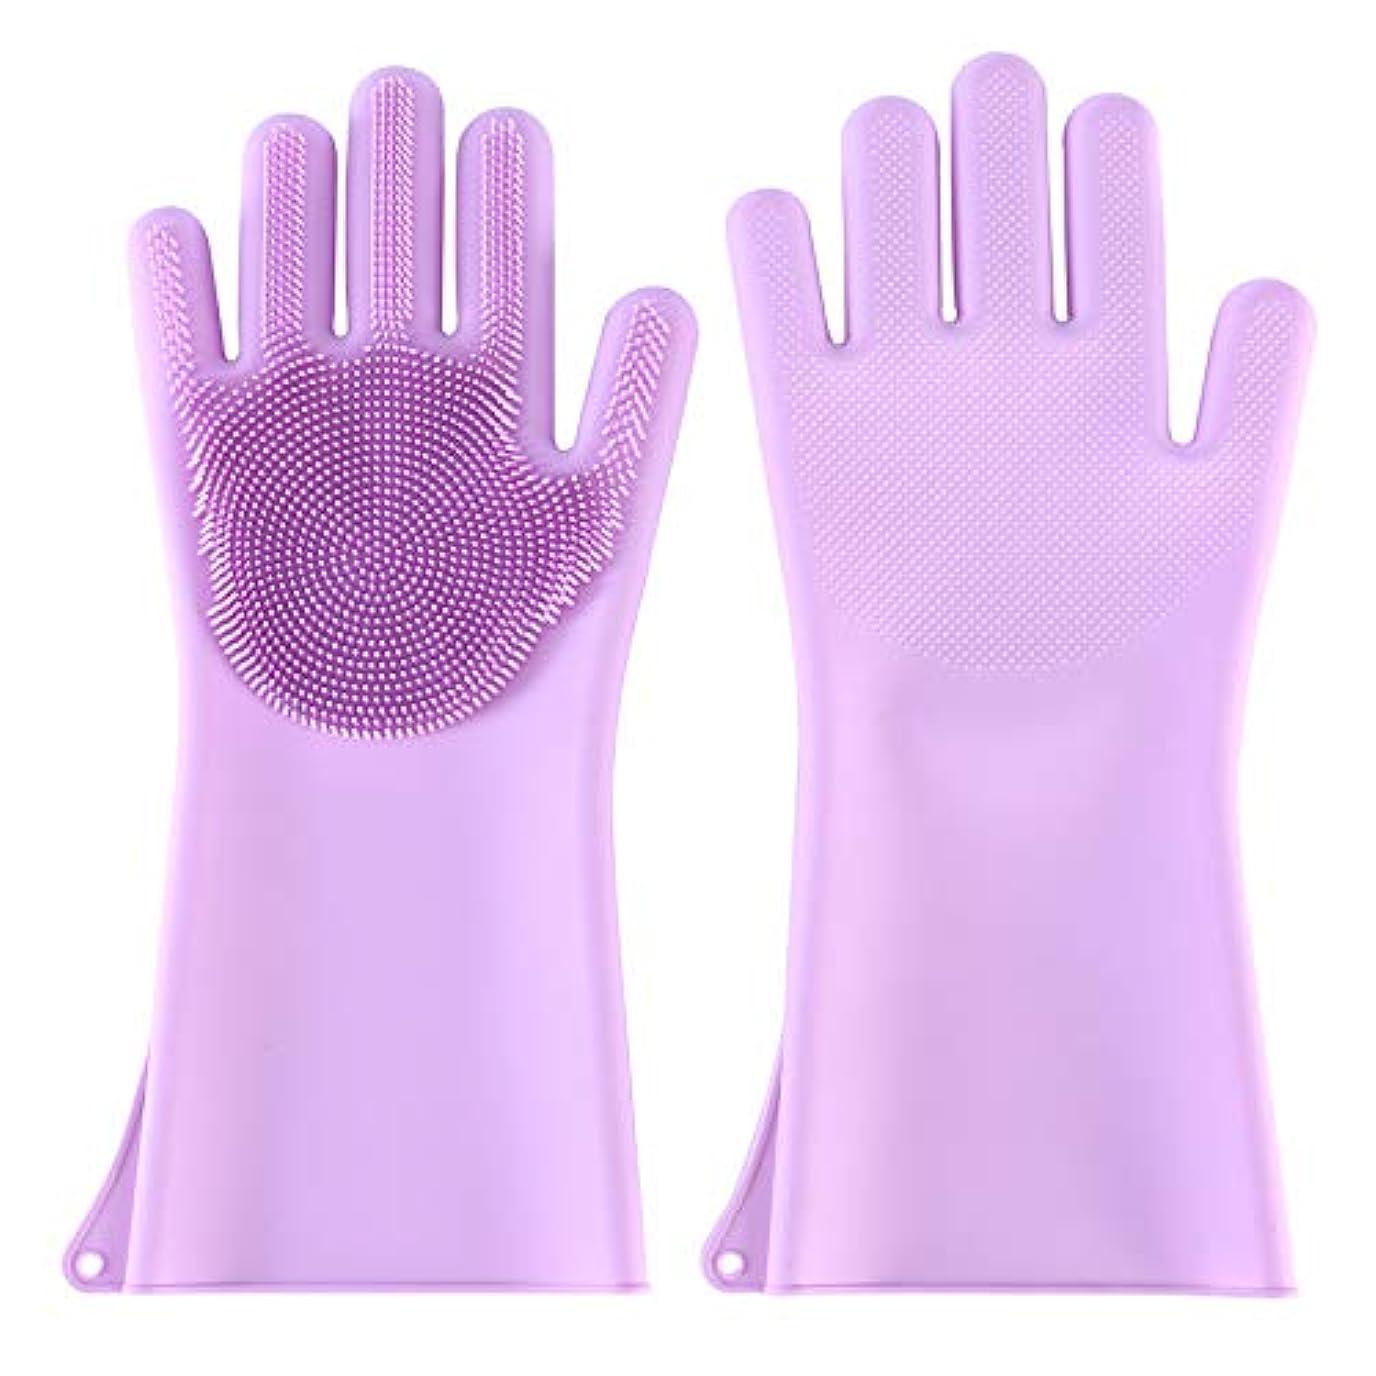 いじめっ子テストからかうBTXXYJP ペット ブラシ 手袋 猫 ブラシ グローブ 耐摩耗 クリーナー 抜け毛取り マッサージブラシ 犬 グローブ お手入れ (Color : Purple)